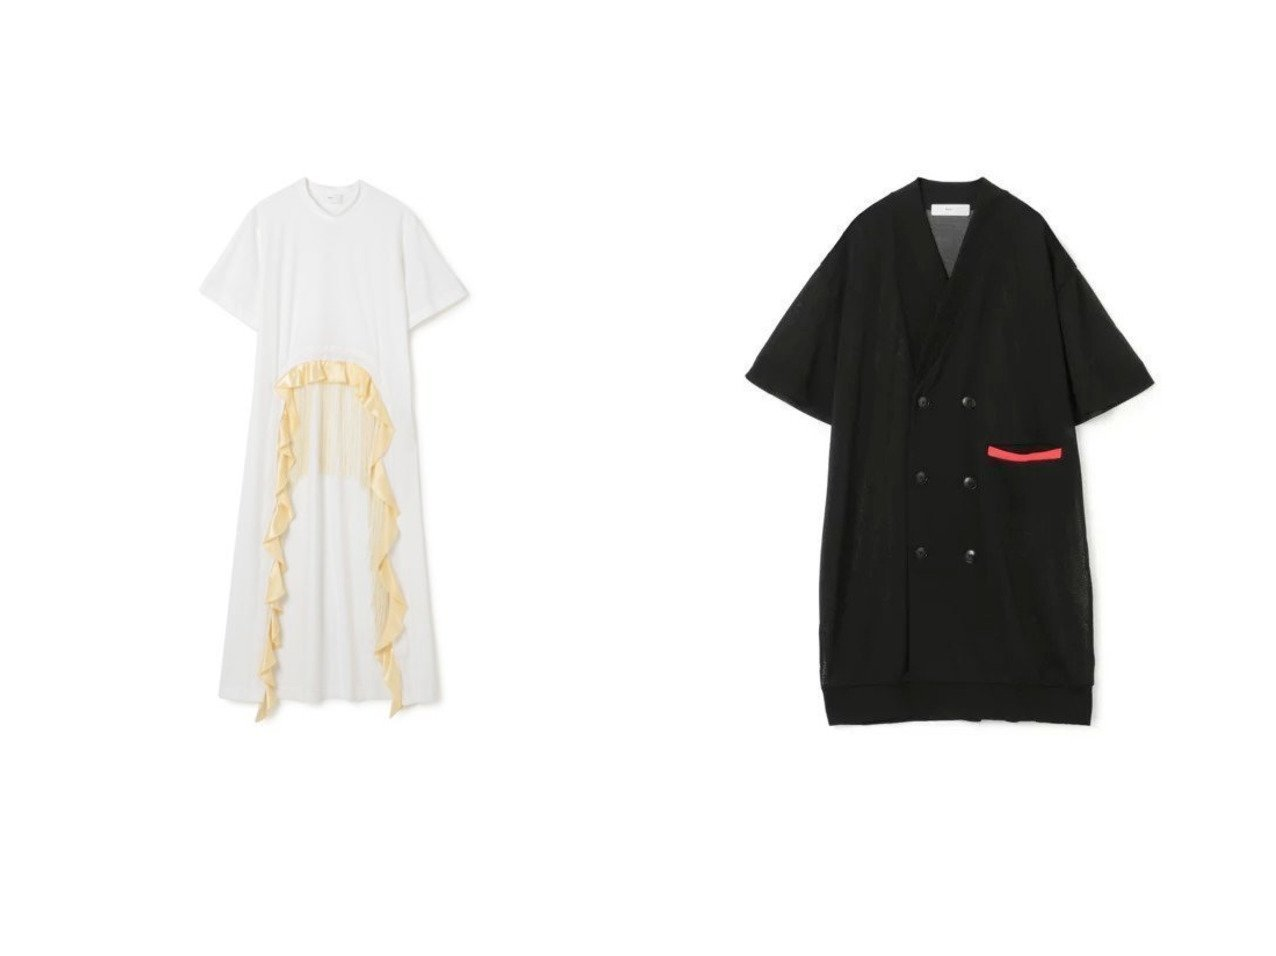 【TOGA PULLA/トーガ プルラ】のTricot jersey dress&High twist jersey cardigan TOGA PULLAのおすすめ!人気、トレンド・レディースファッションの通販 おすすめで人気の流行・トレンド、ファッションの通販商品 メンズファッション・キッズファッション・インテリア・家具・レディースファッション・服の通販 founy(ファニー) https://founy.com/ ファッション Fashion レディースファッション WOMEN ワンピース Dress ドレス Party Dresses シャツワンピース Shirt Dresses トップス カットソー Tops Tshirt カーディガン Cardigans 2021年 2021 2021 春夏 S/S SS Spring/Summer 2021 S/S 春夏 SS Spring/Summer サテン ジャージー ドレス フォーマル フリル フリンジ フロント ボトム ロング 半袖 洗える |ID:crp329100000020360